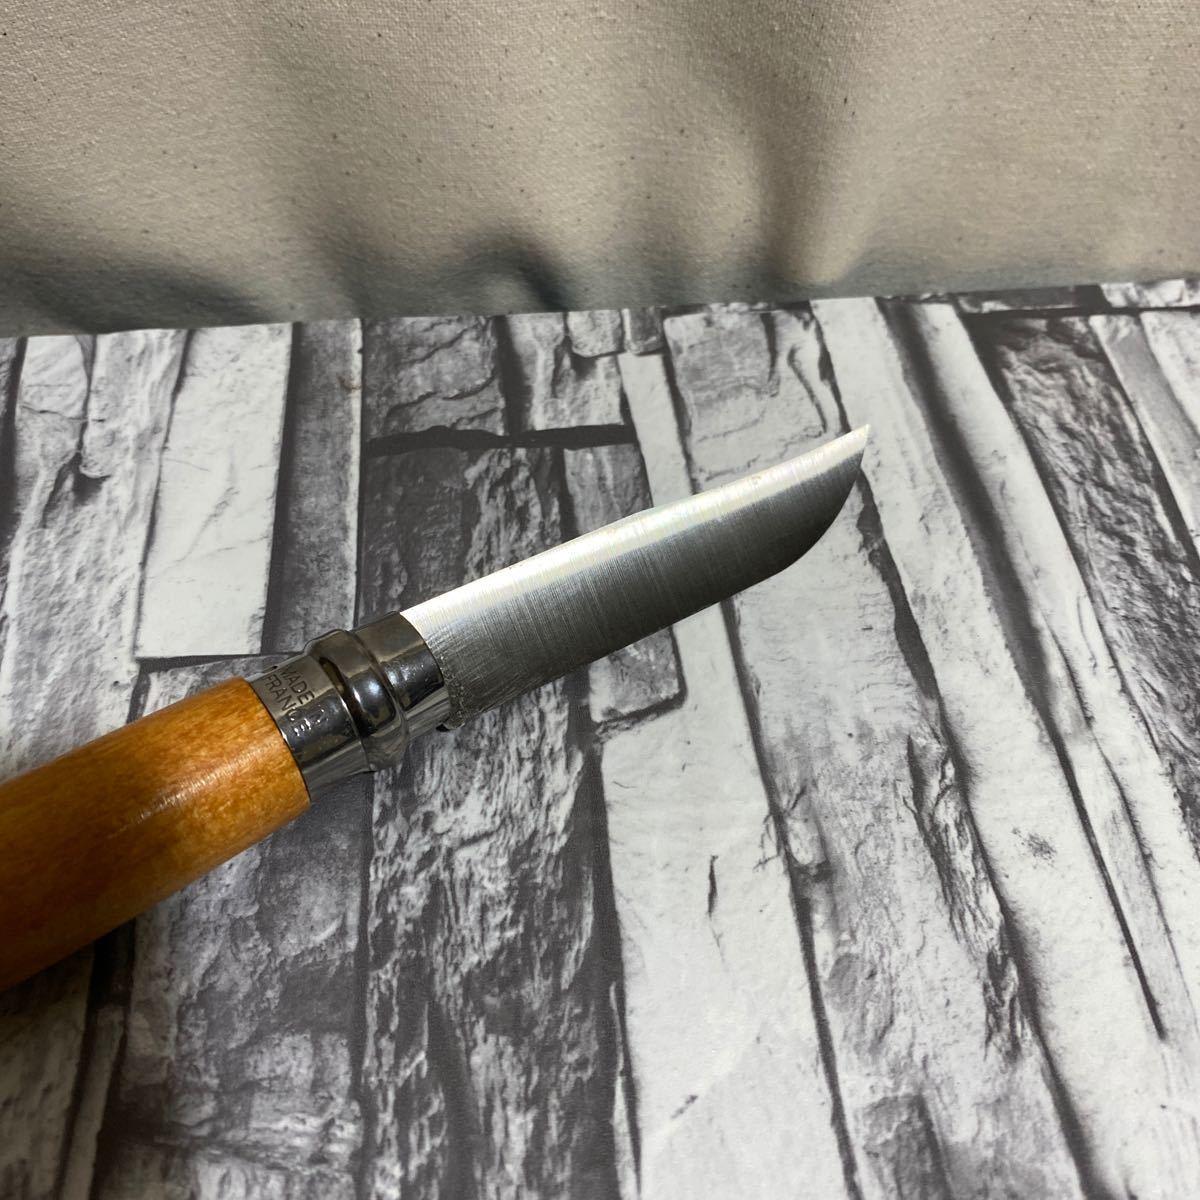 オピネル カーボン8 折りたたみナイフ 新品